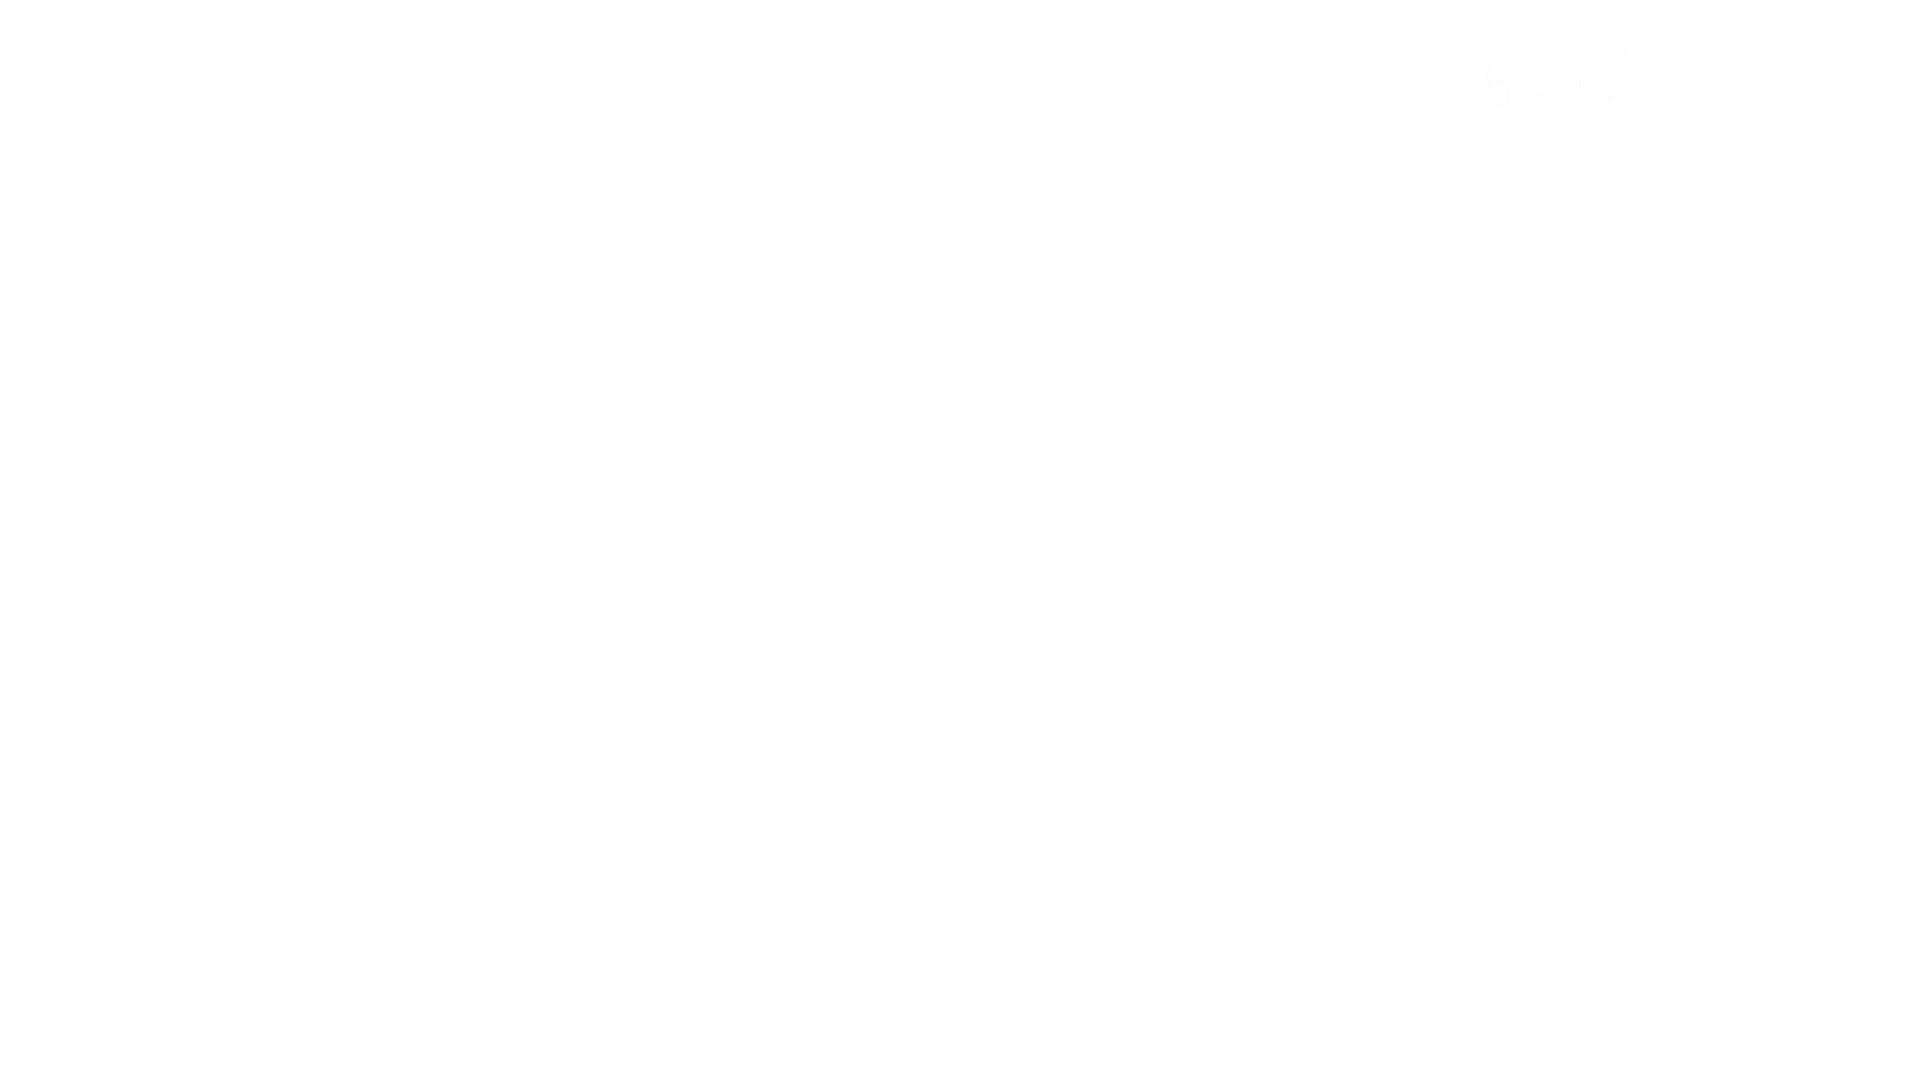 至高下半身盗撮-PREMIUM-【院内病棟編 】 vol.02 ナースのヌード AV無料 59画像 11